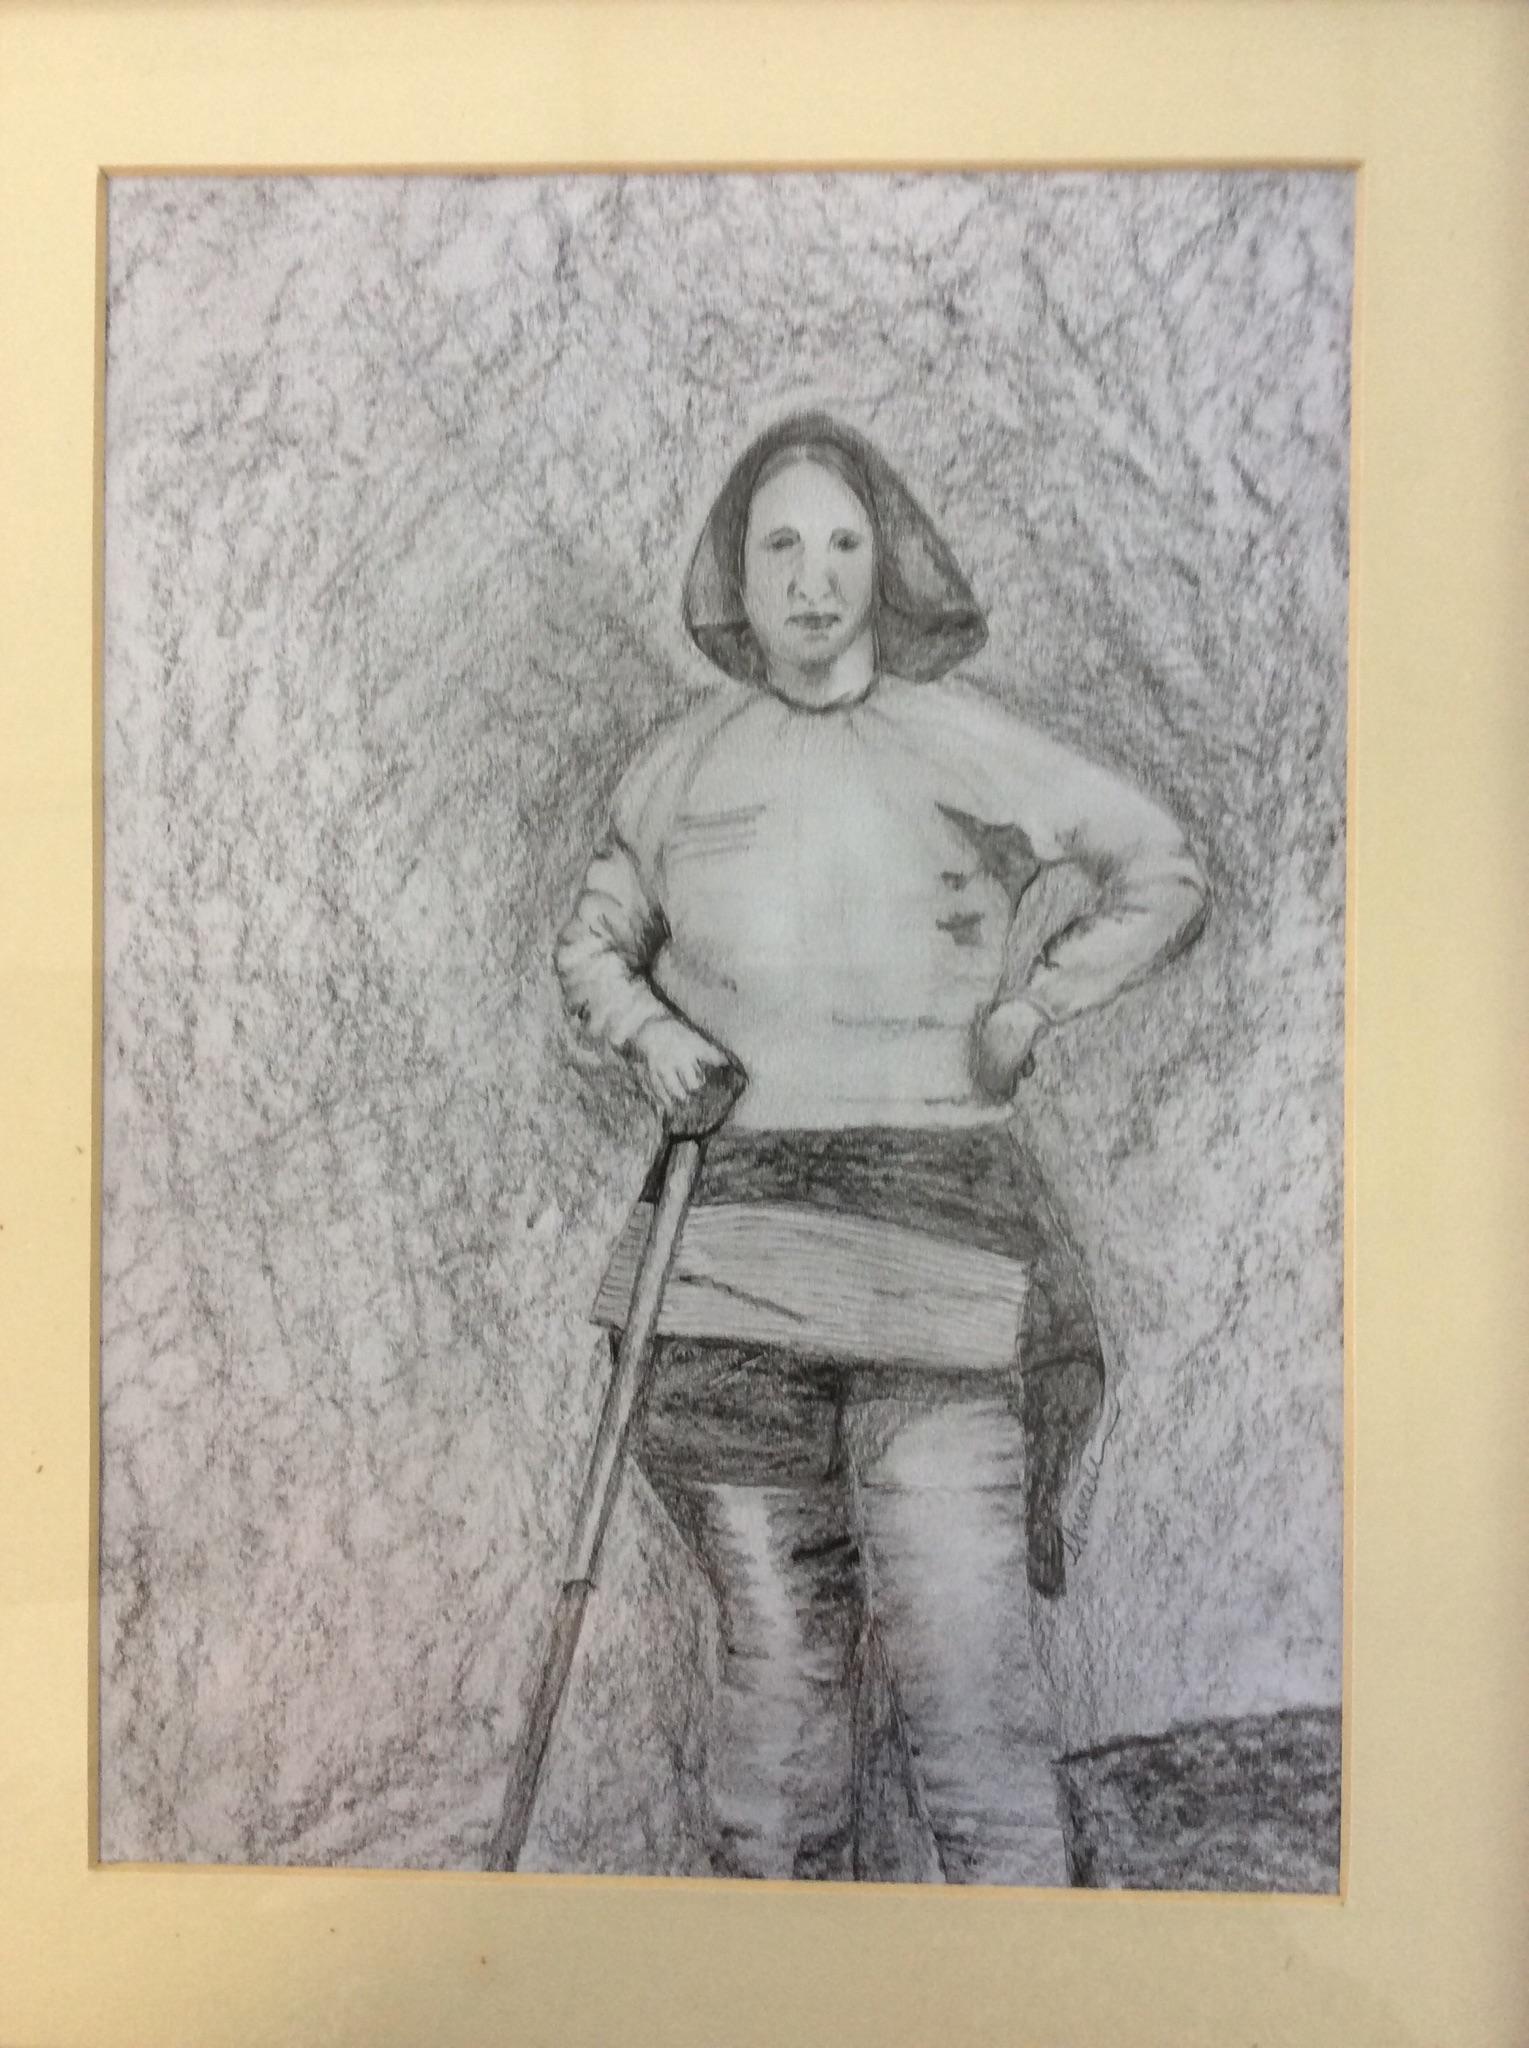 Woman digging coal Sue.jpg